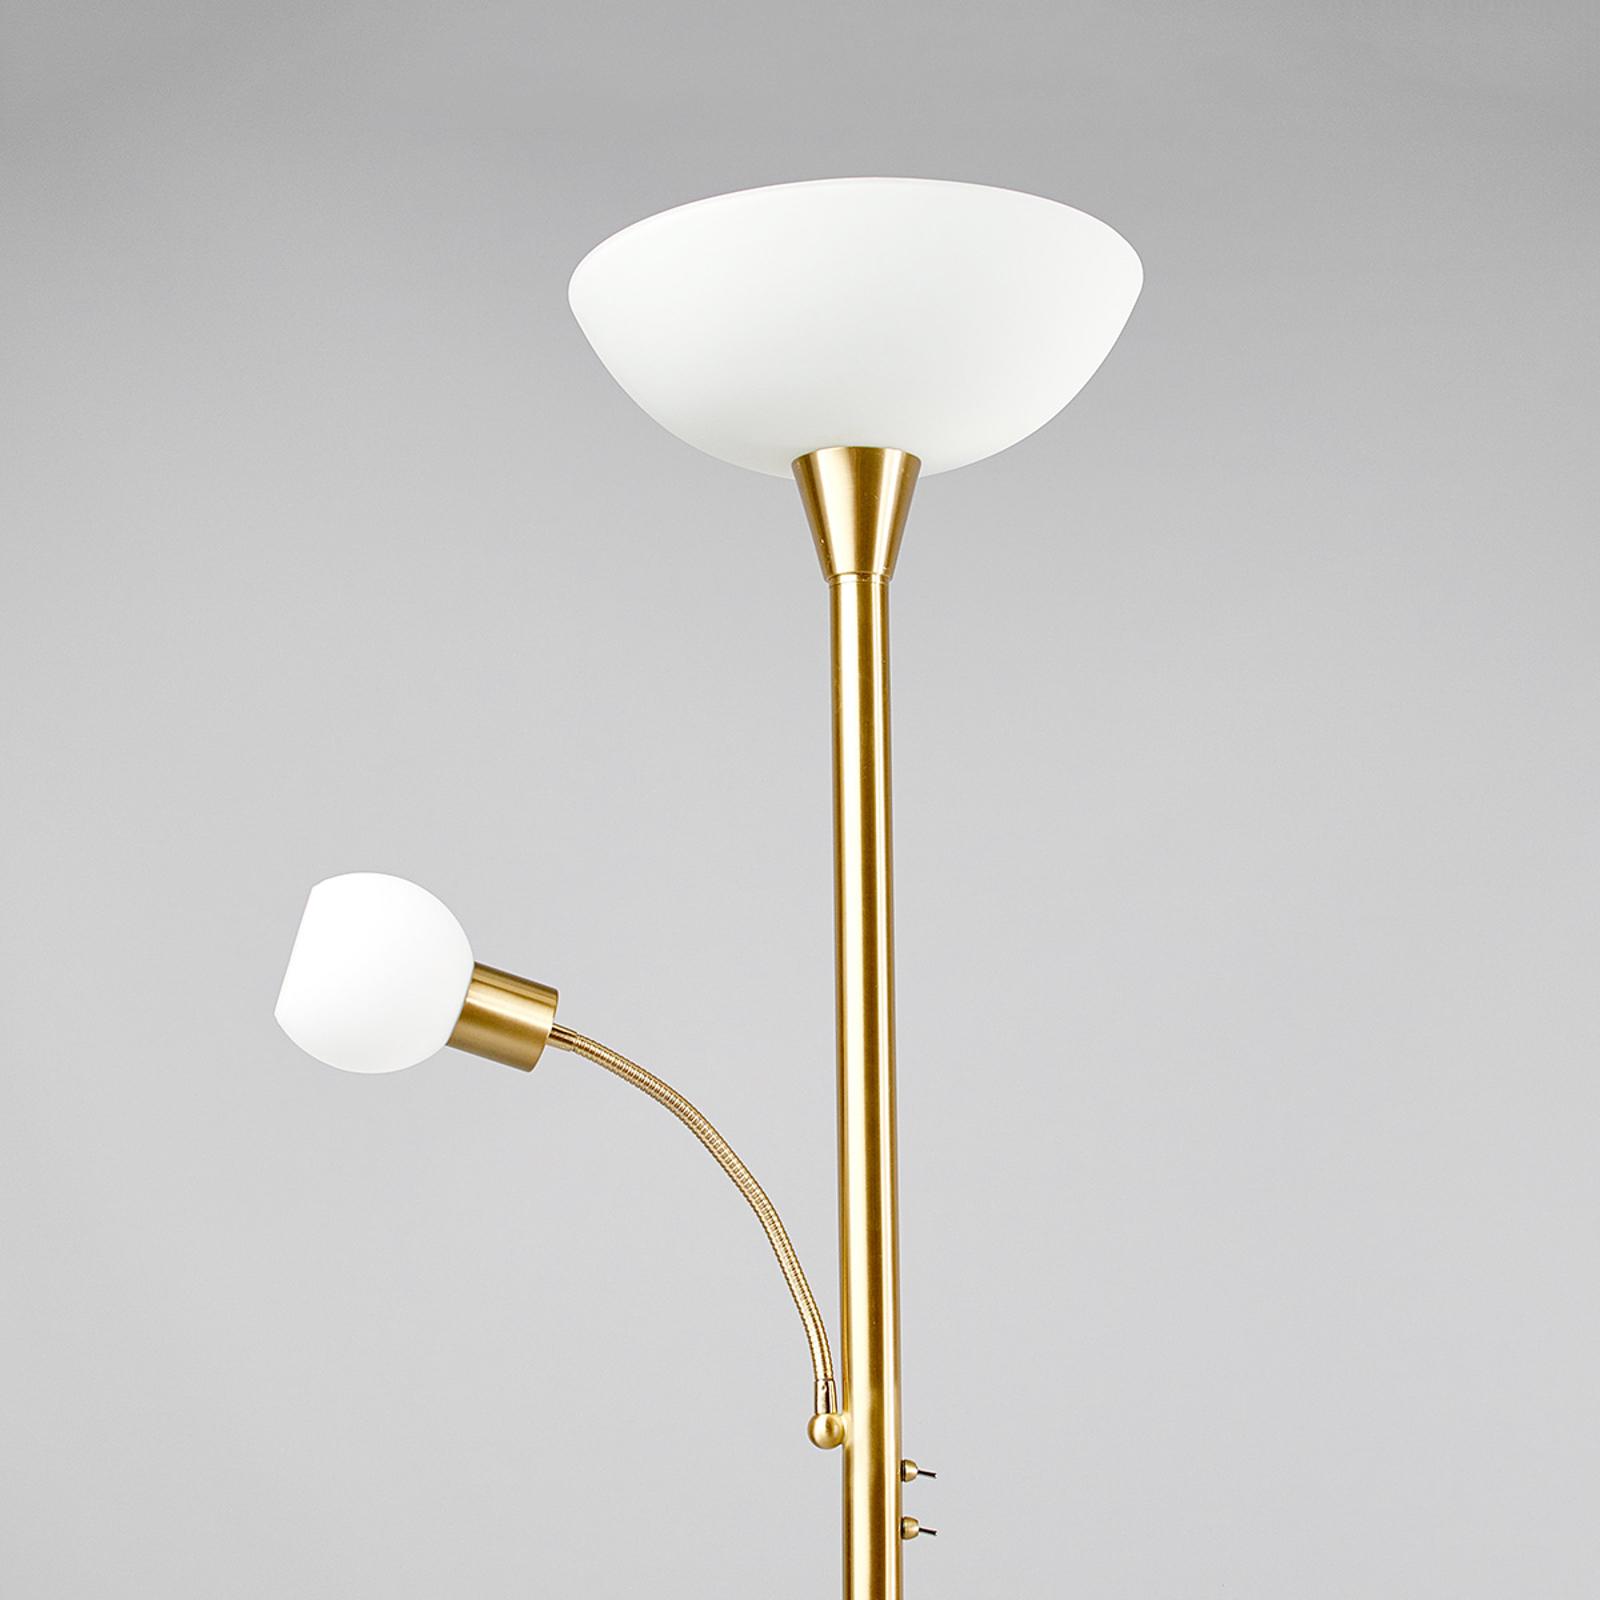 LED-golvlampa Elaina i mässing med läslampa